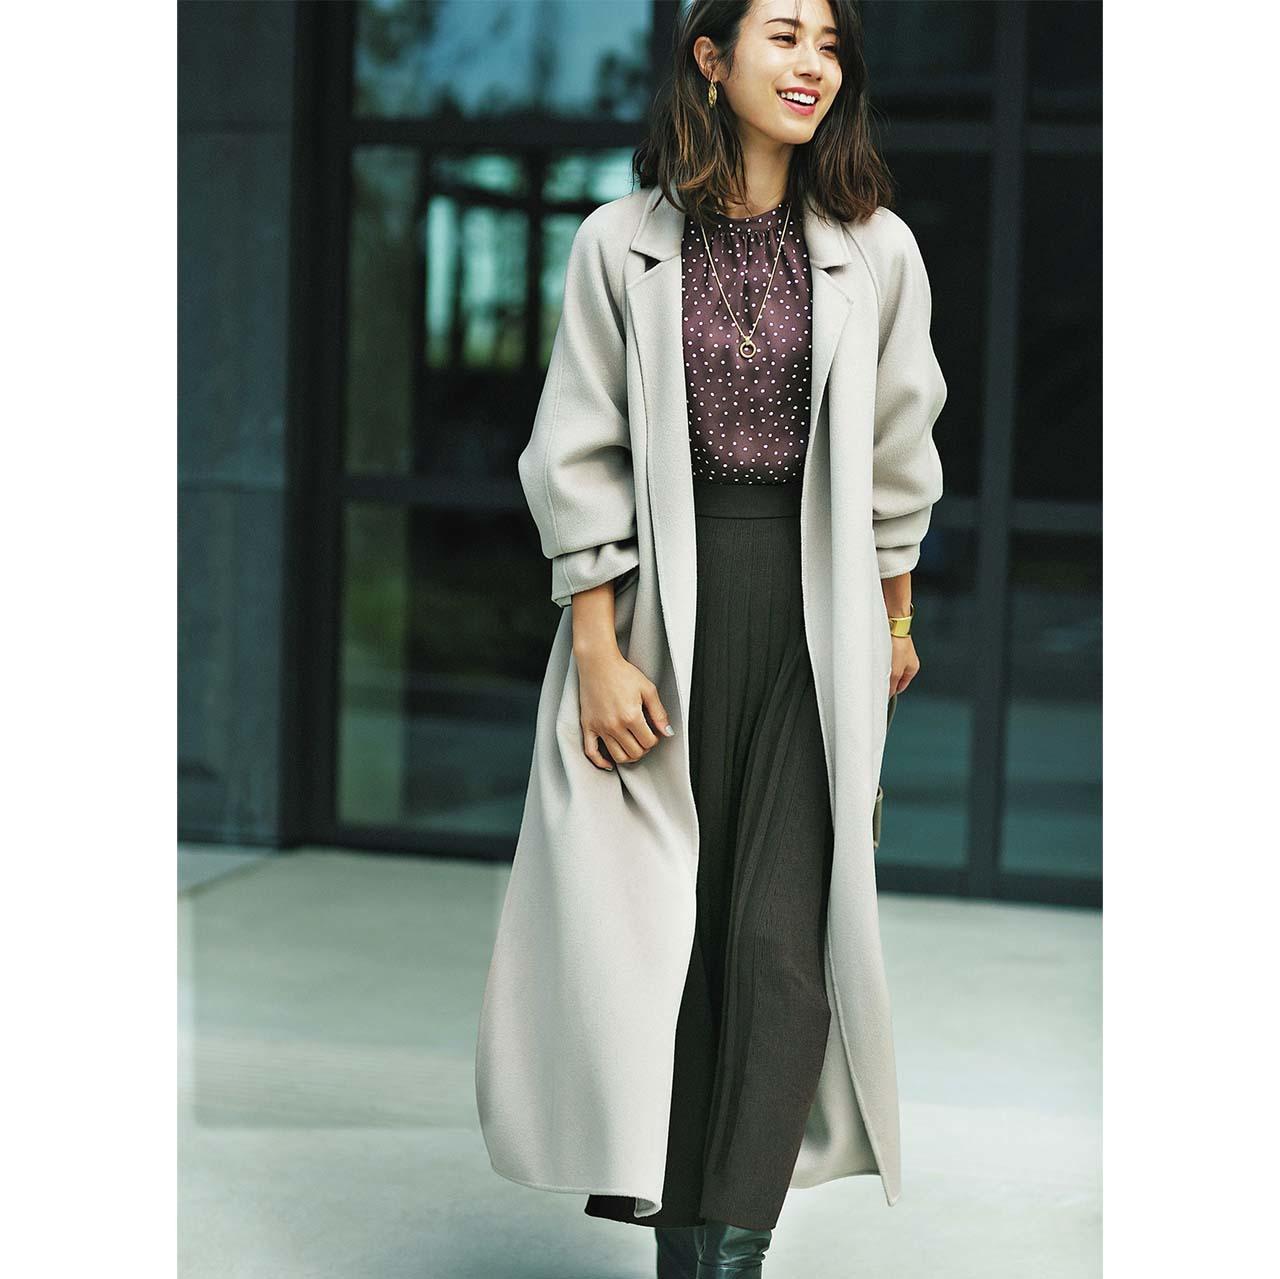 コート×シルク見え部合う素×スカートコーデを着たモデルの牧野紗弥さん